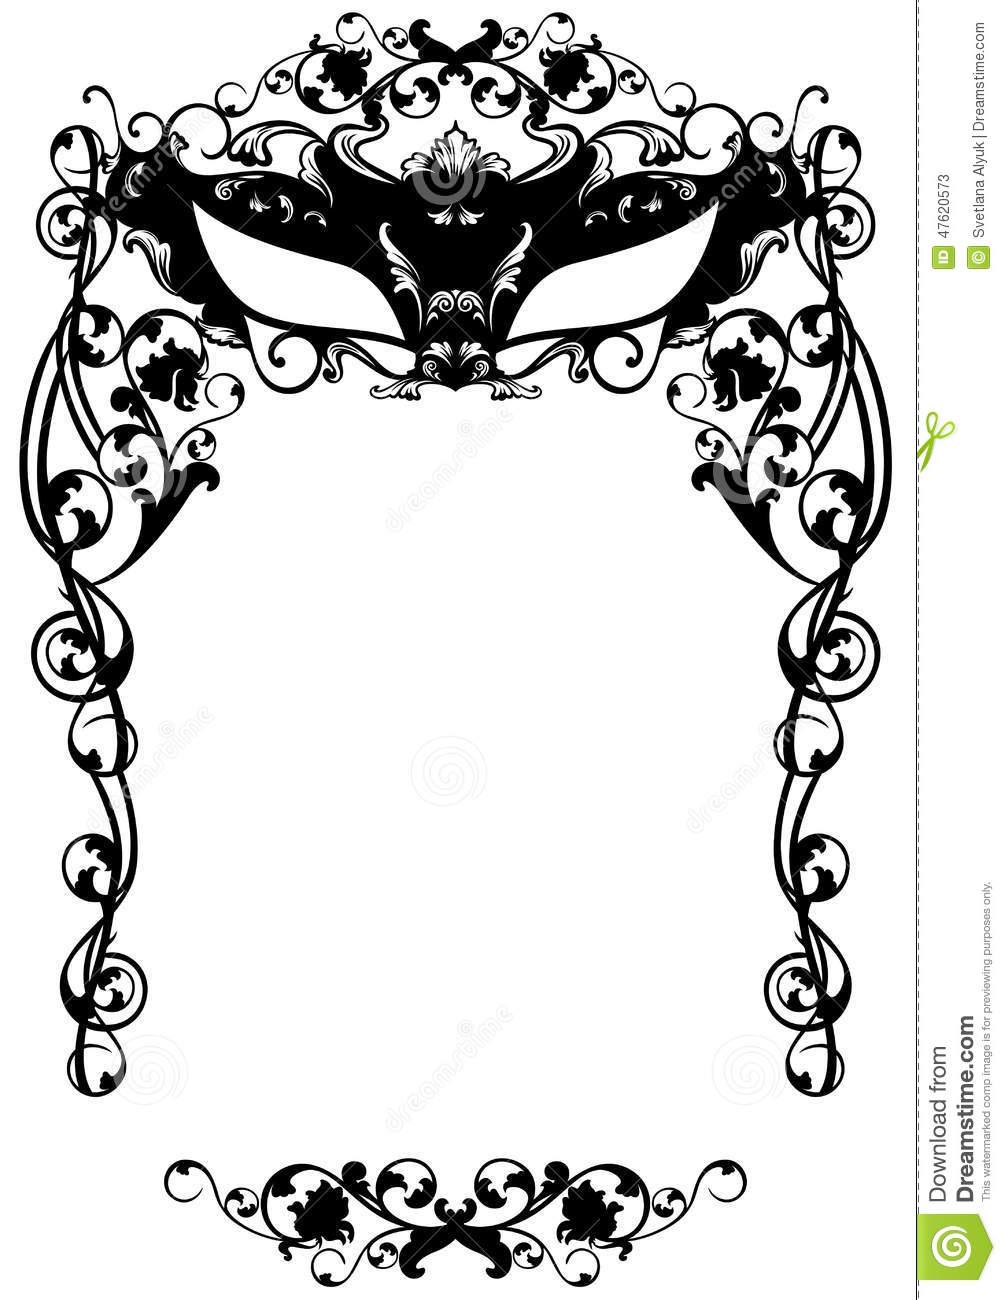 masquerade invitation clipart  clipart kid, Party invitations